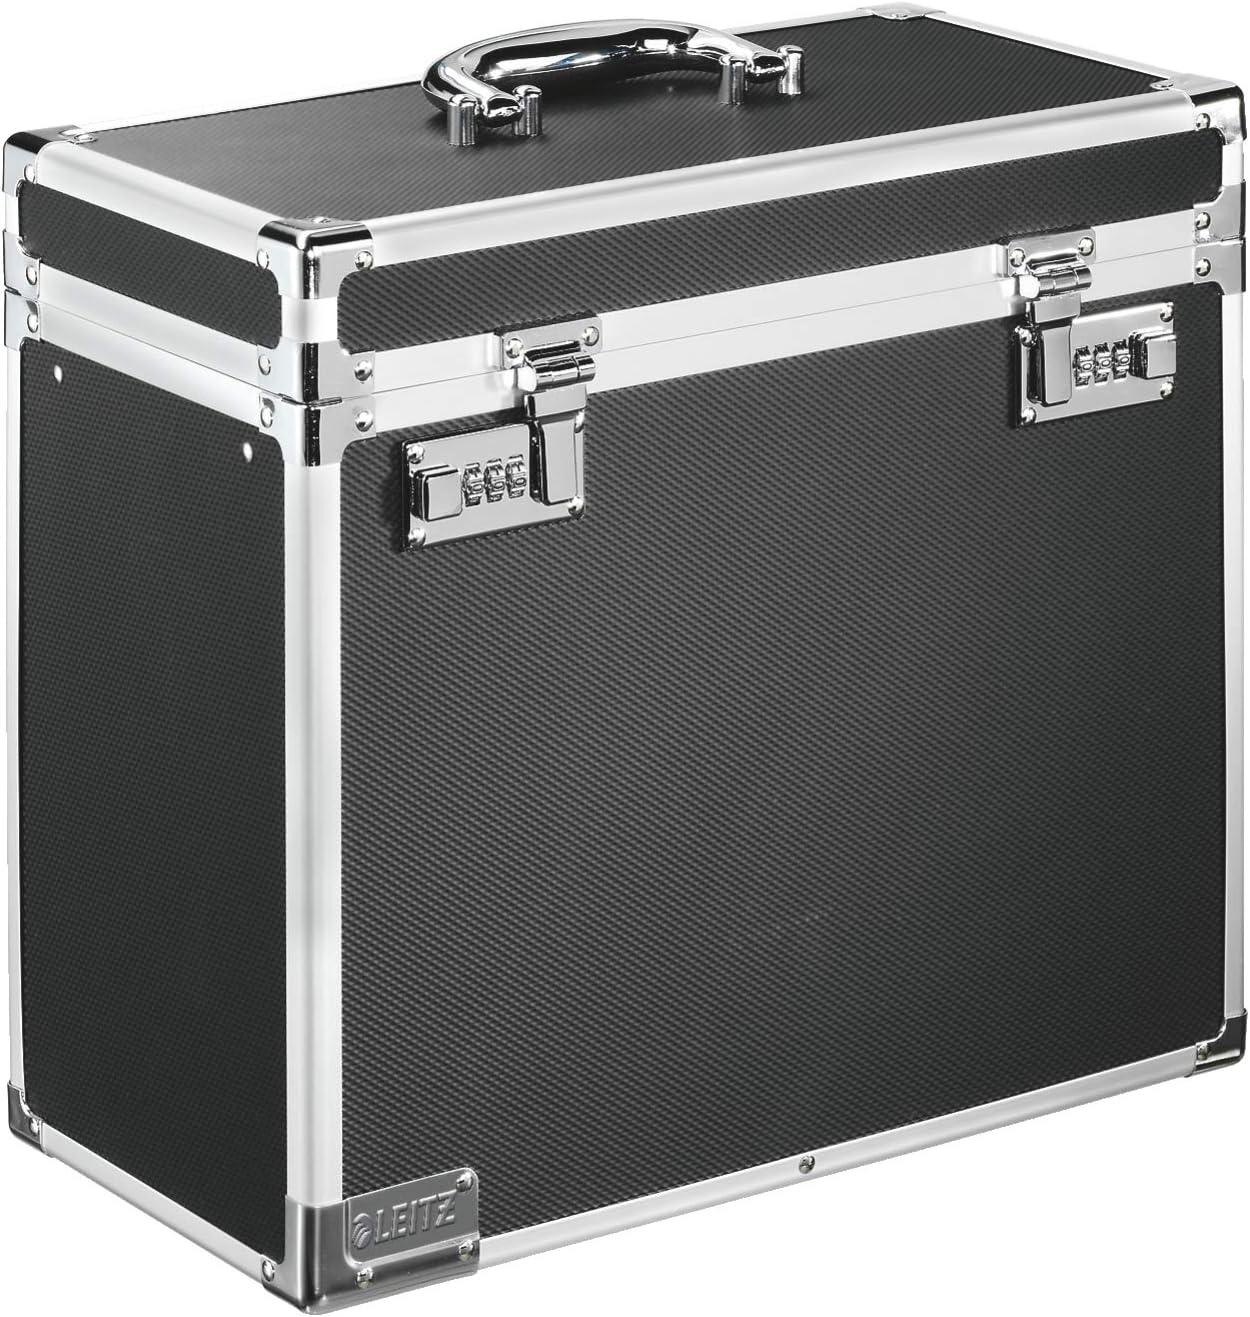 Leitz 67160095 Aluminio, De plástico, Acero, Madera Negro, Cromo caja y organizador para almacenaje de archivos - Organizador de almacenaje (Aluminio, De plástico, Acero, Madera, Negro, Cromo, A4, 2,3